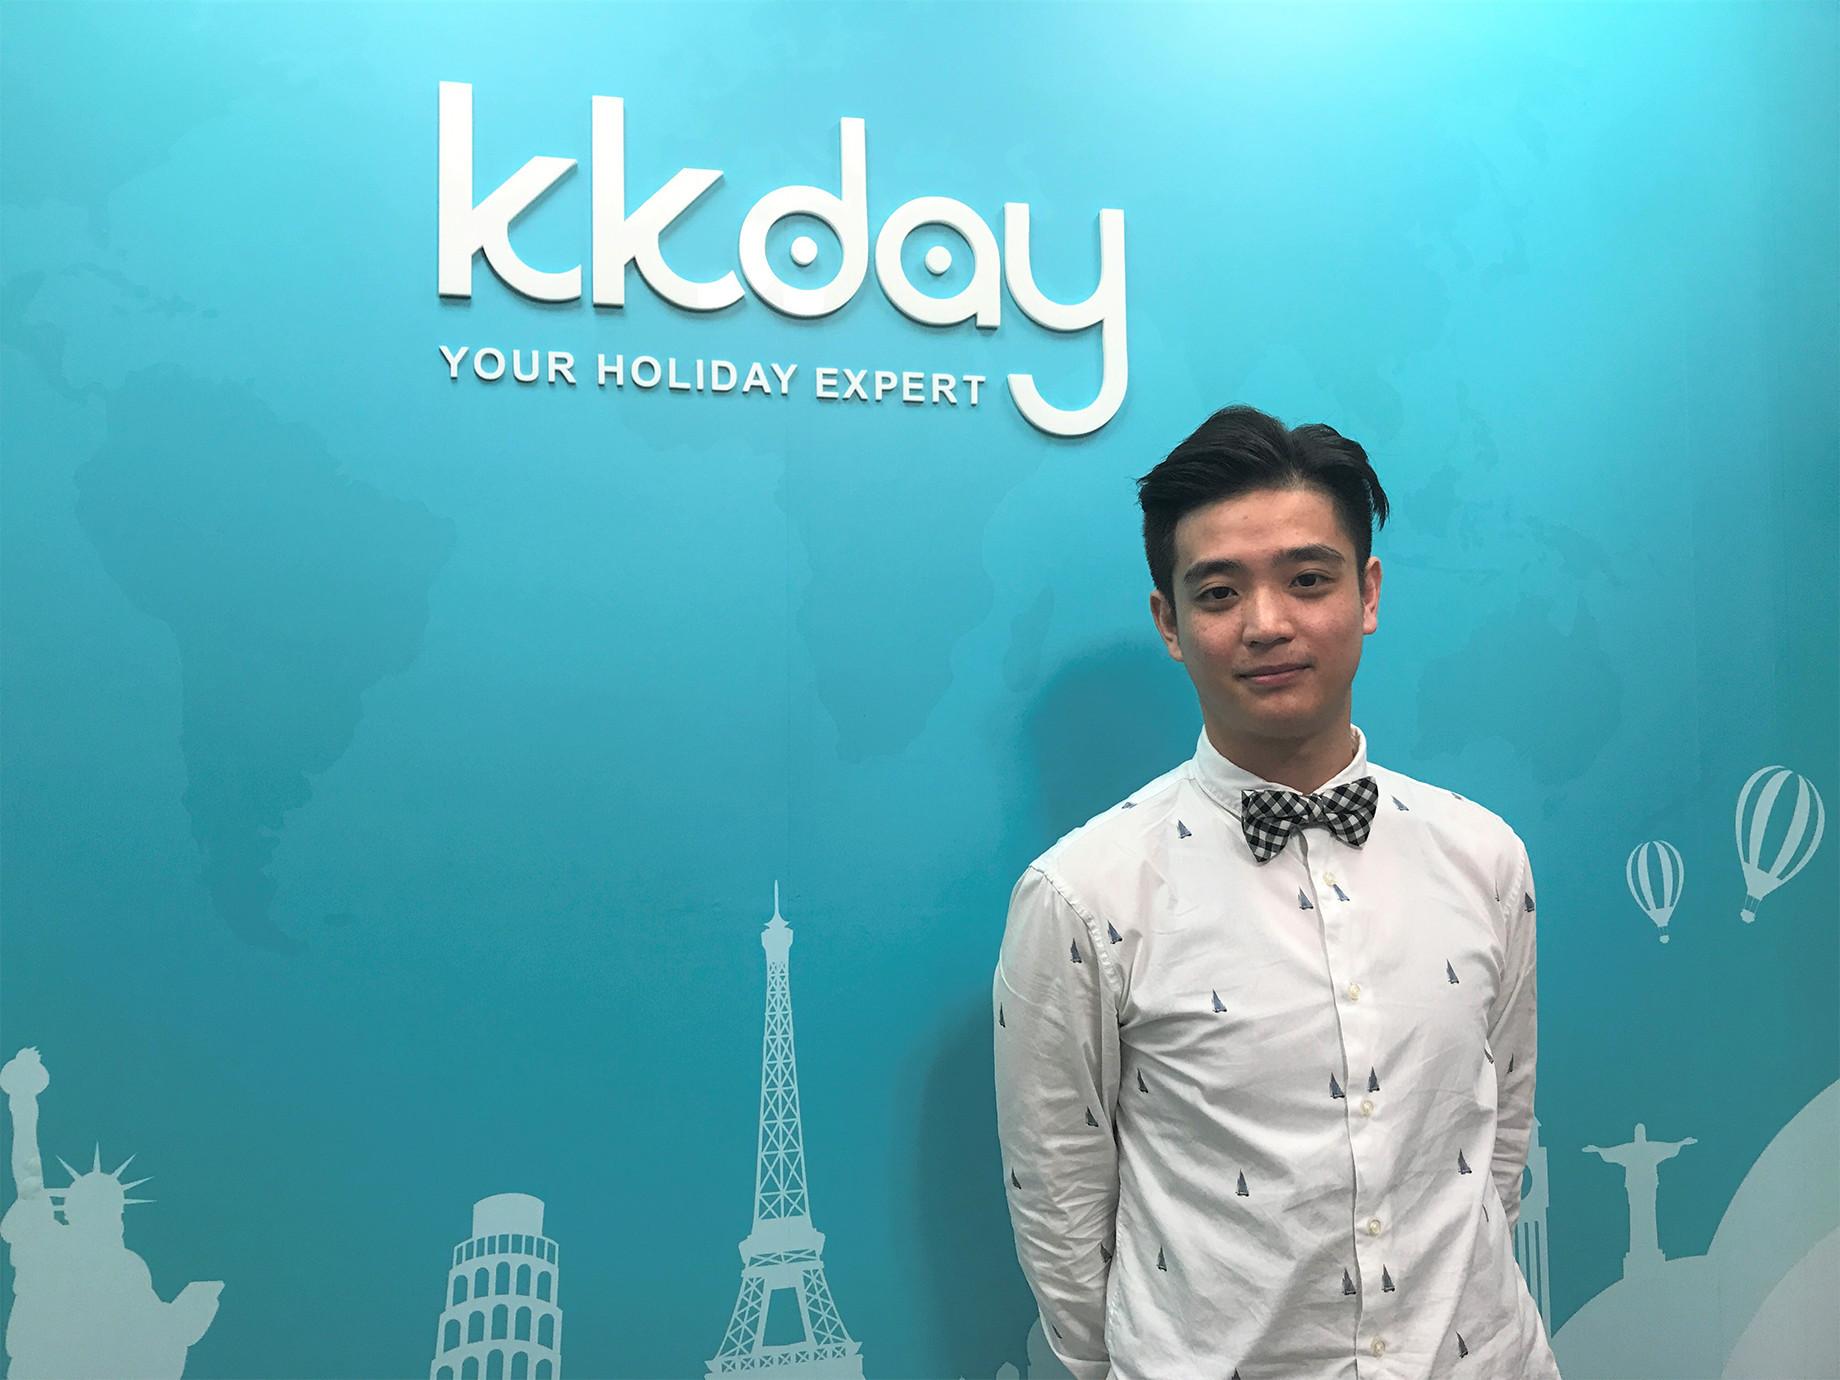 工作分享》王紀偉(KKday異業合作行銷經理):網路世界雖快,達到效益才有價值